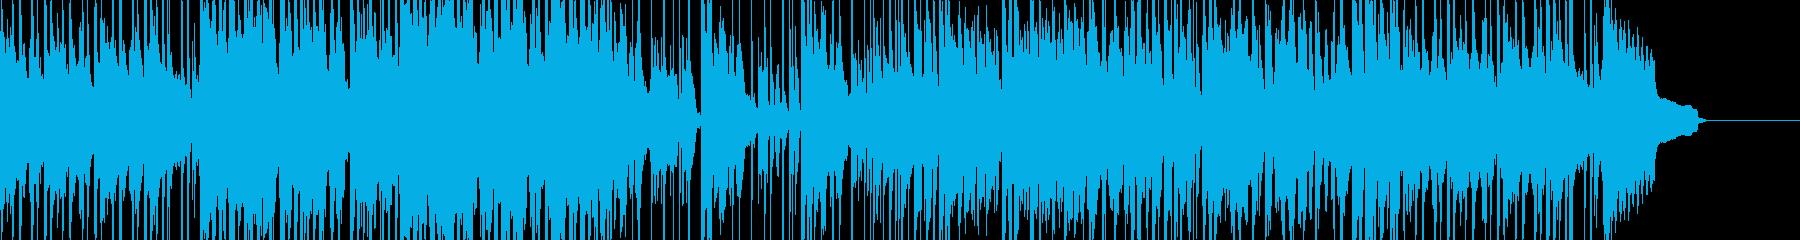 街で遊びまわるシーンに合う日常系BGMの再生済みの波形